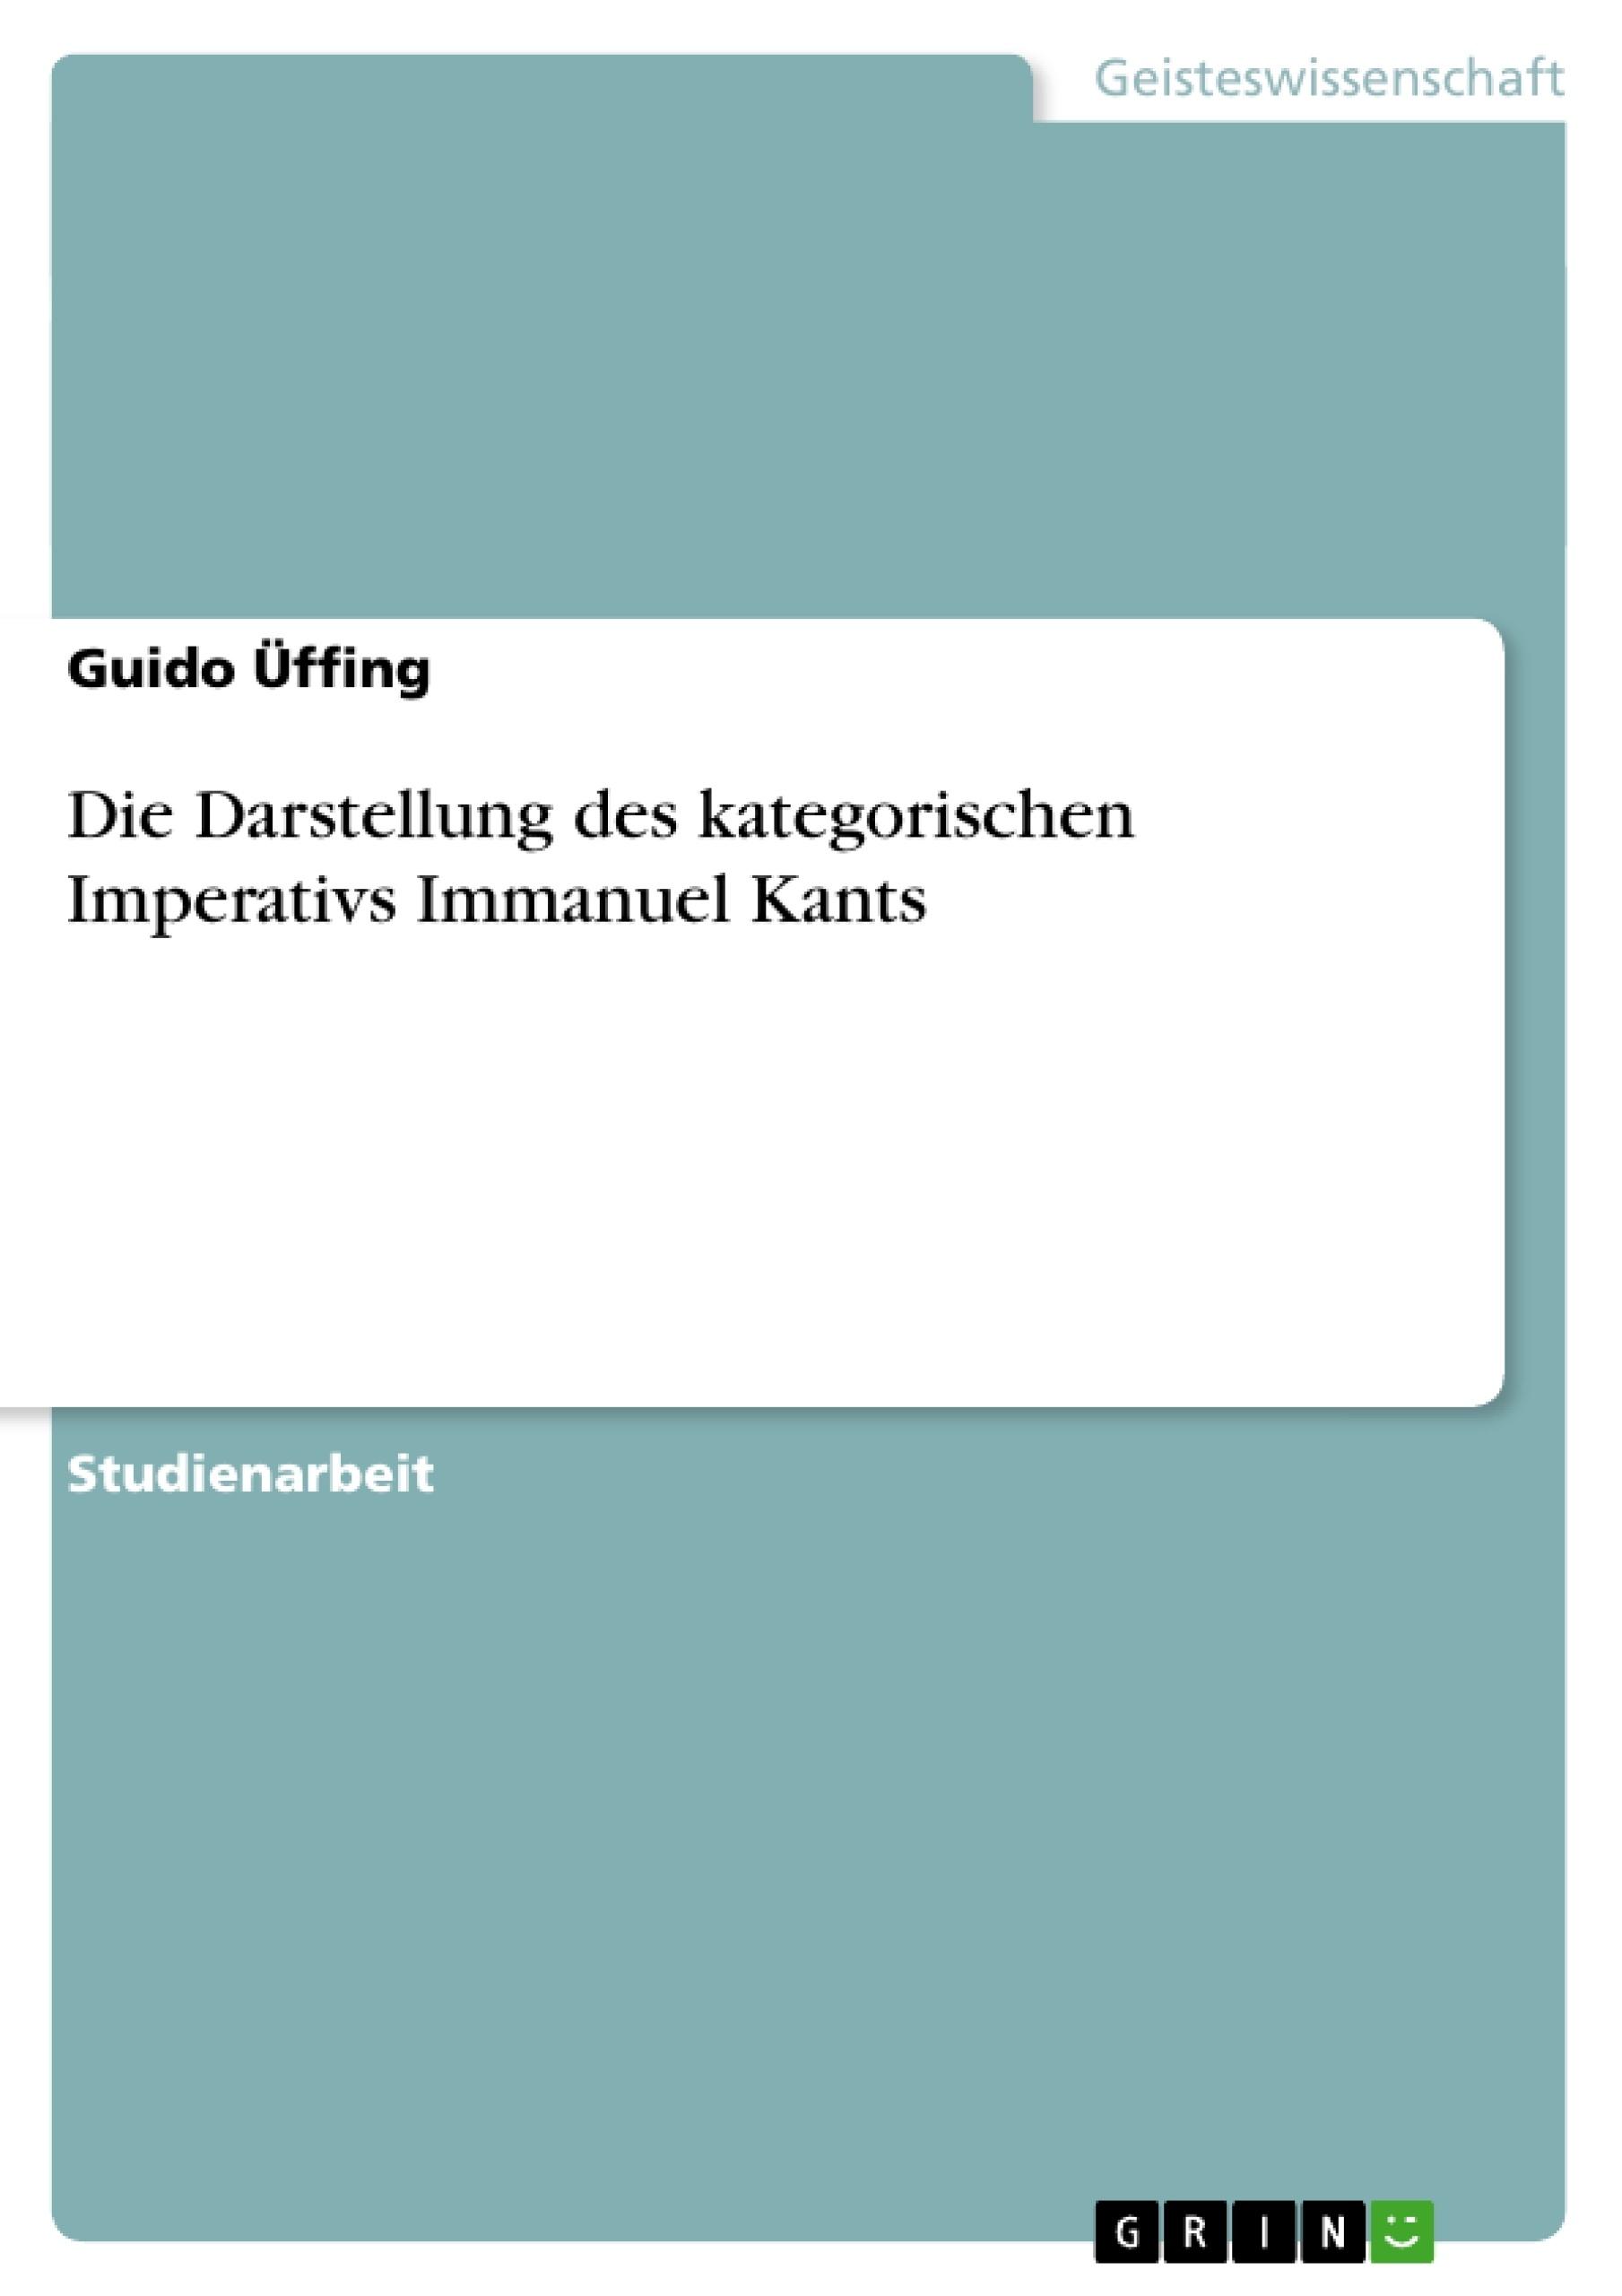 Titel: Die Darstellung des kategorischen Imperativs Immanuel Kants